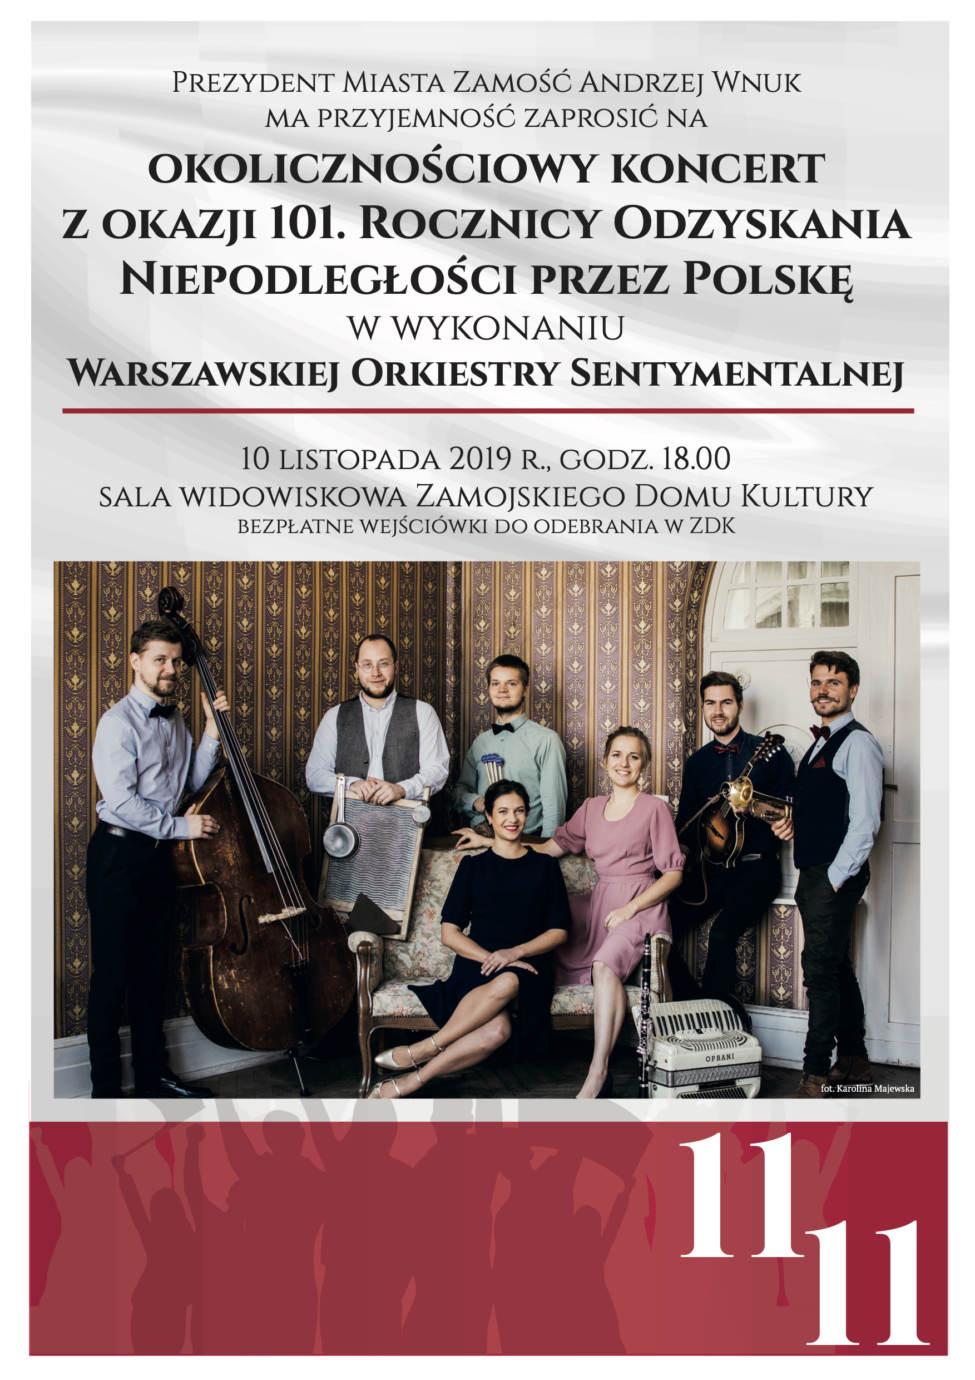 9445 11 11 koncert Zamość: Koncert Warszawskiej Orkiestry Sentymentalnej z okazji Święta Niepodległości